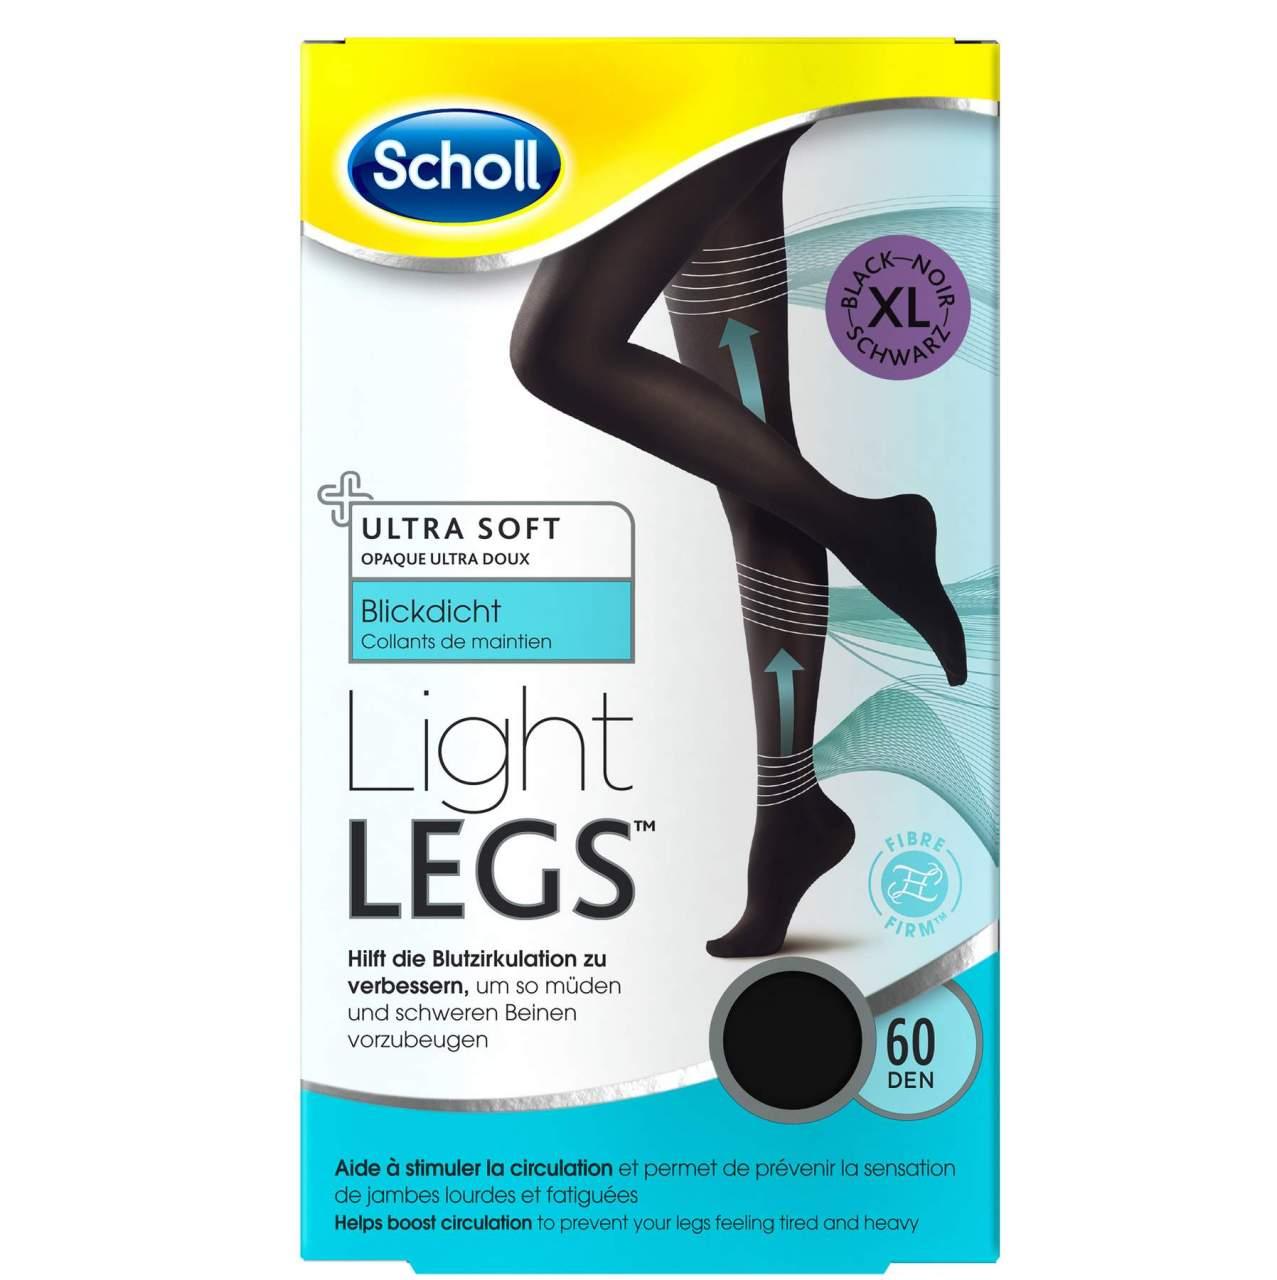 Scholl Light Legs 1 Strumpfhose 60 DEN XL schwarz